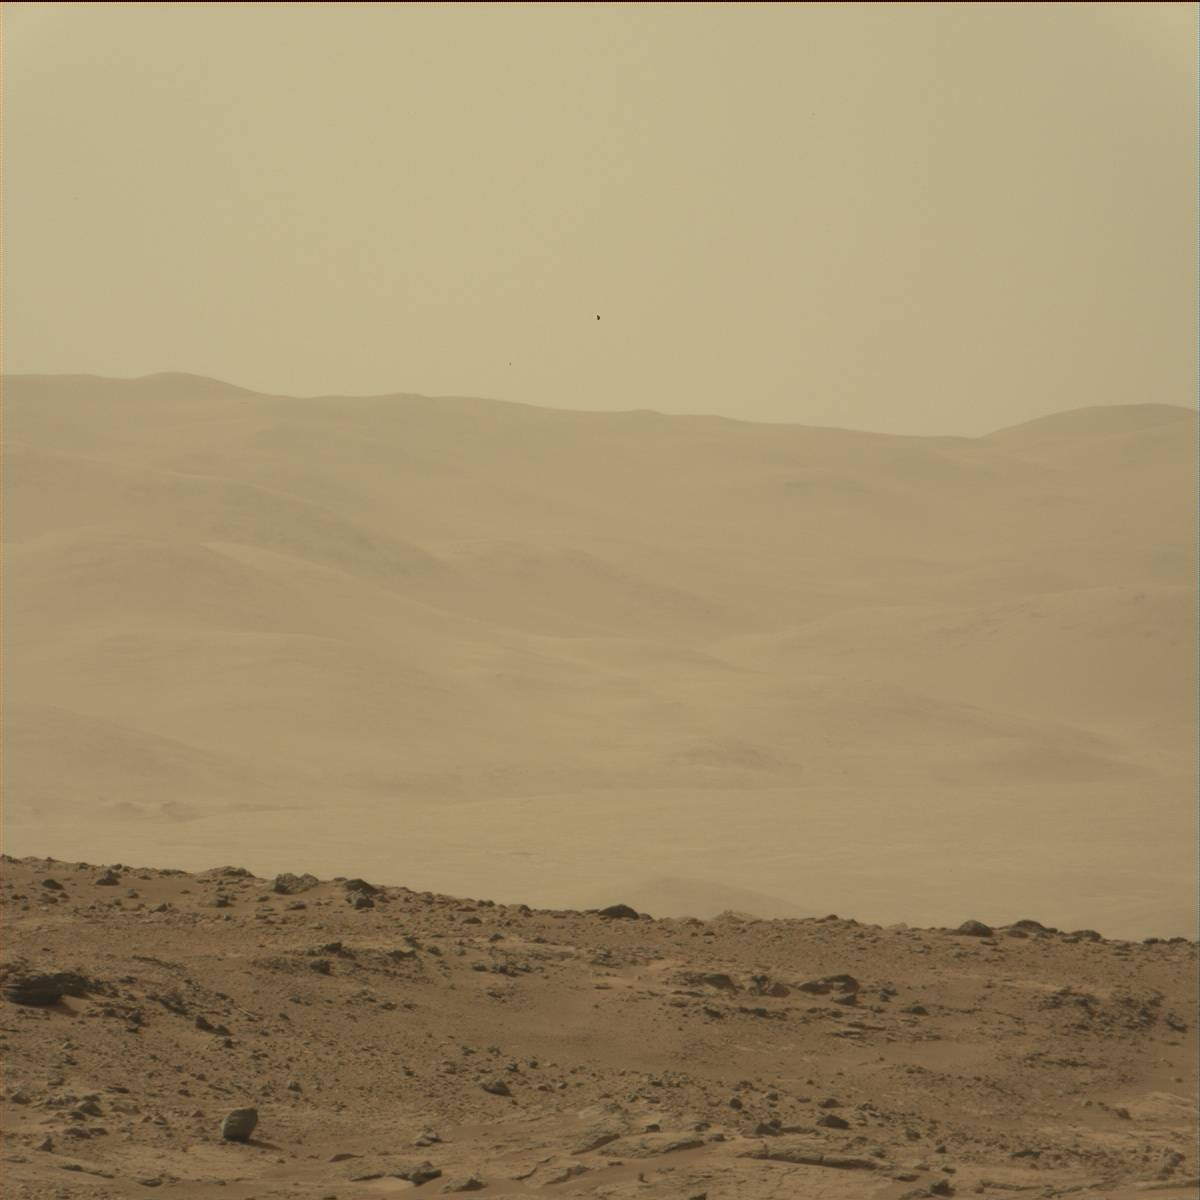 rover 75 mars - photo #46